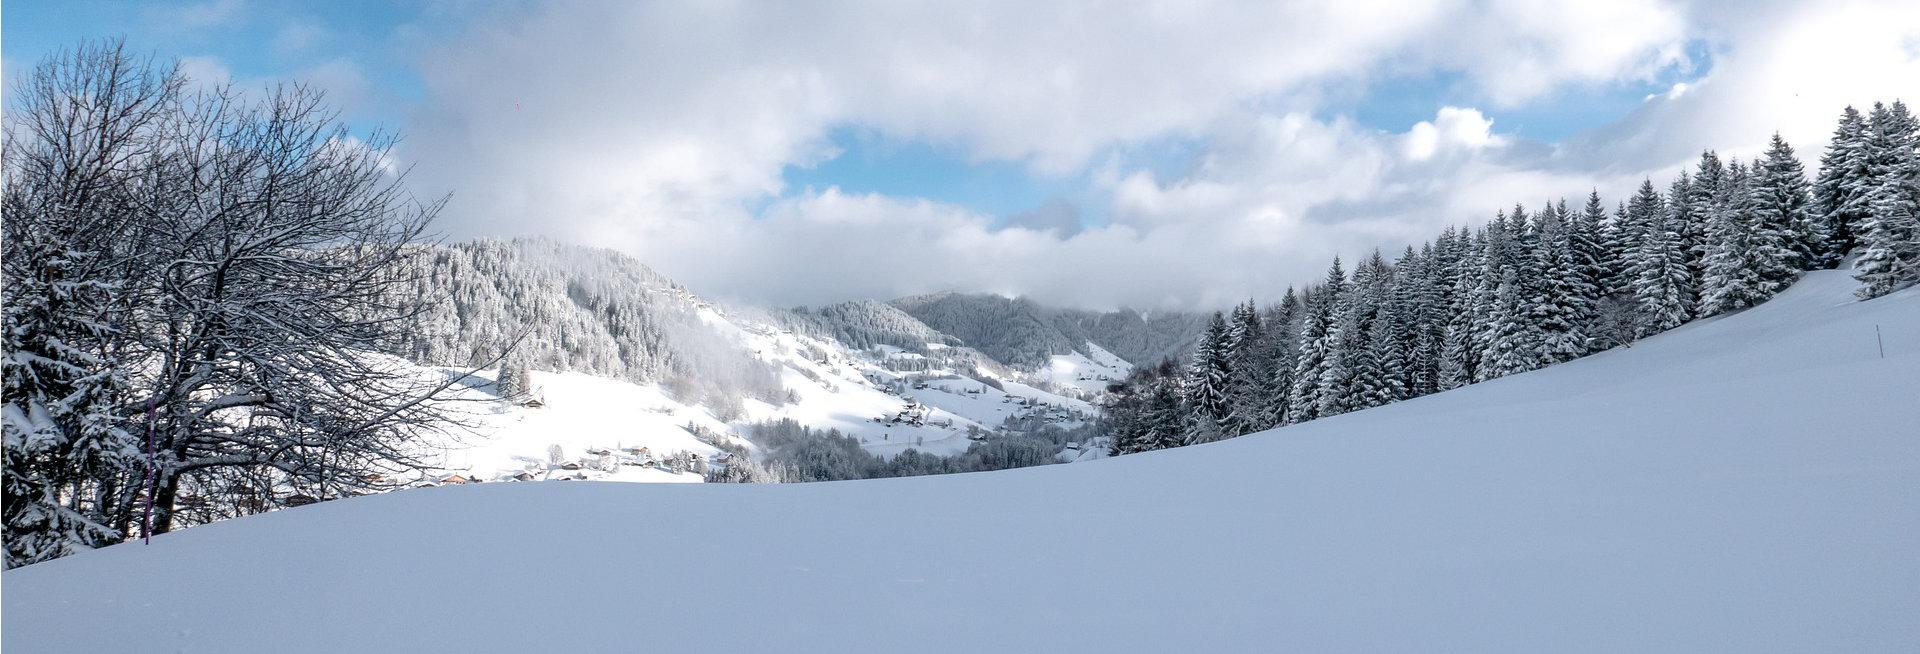 Sneeuwkettingen voor de BMW X2